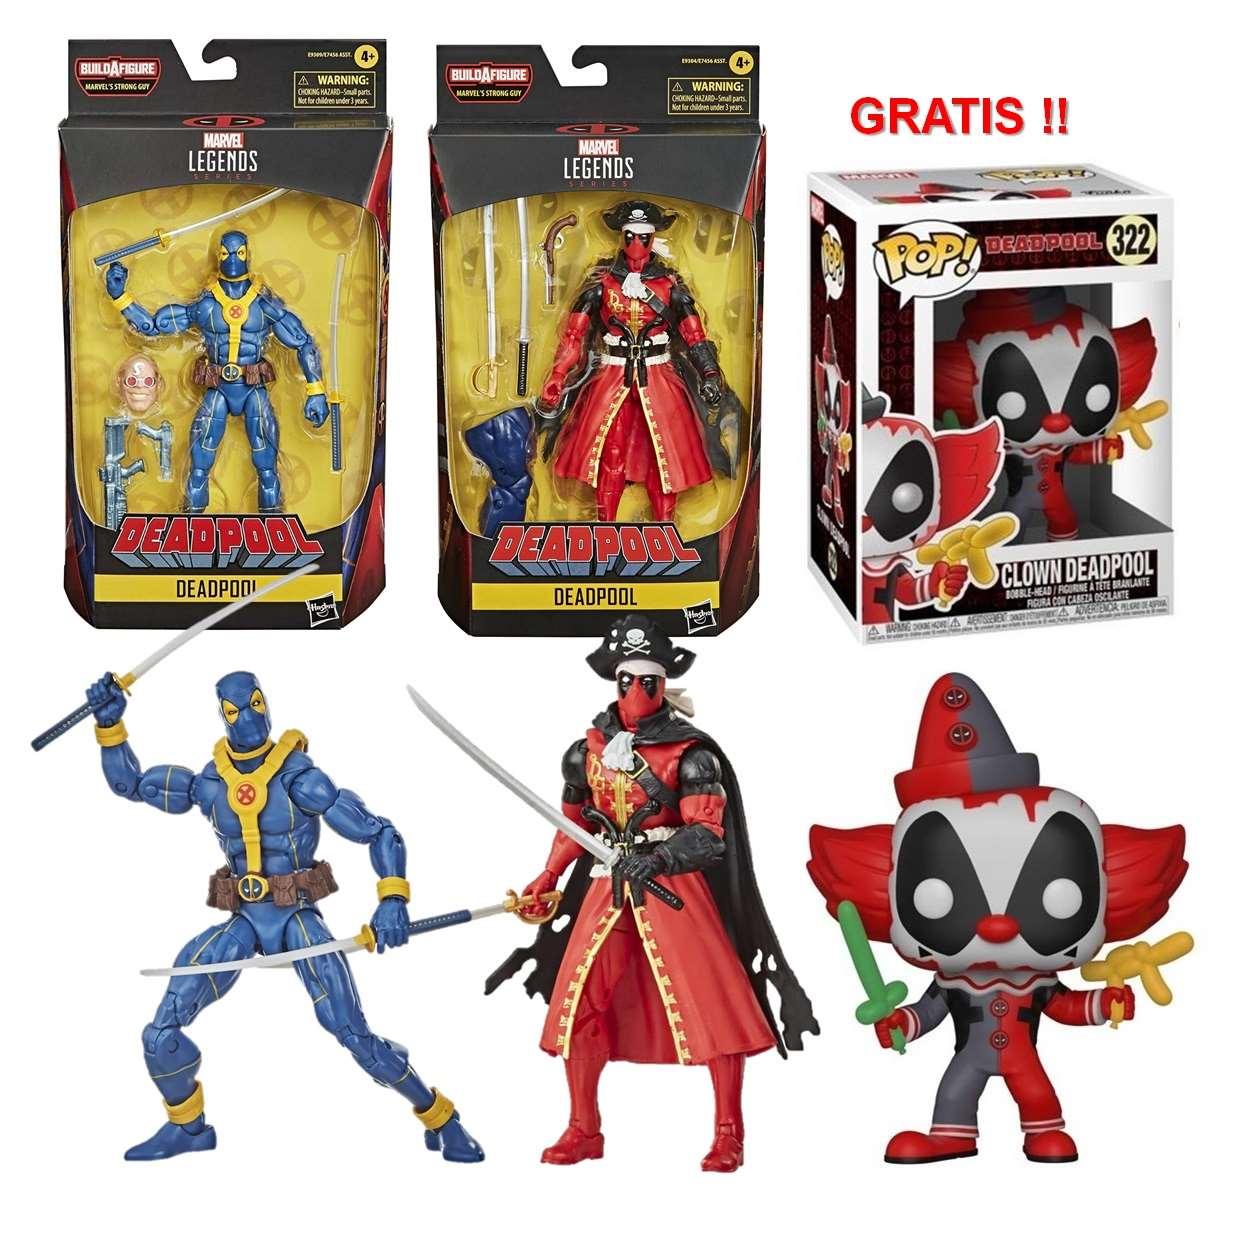 Deadpool Pirata,deadpool Blue Legends + Deadpool #322 Gratis